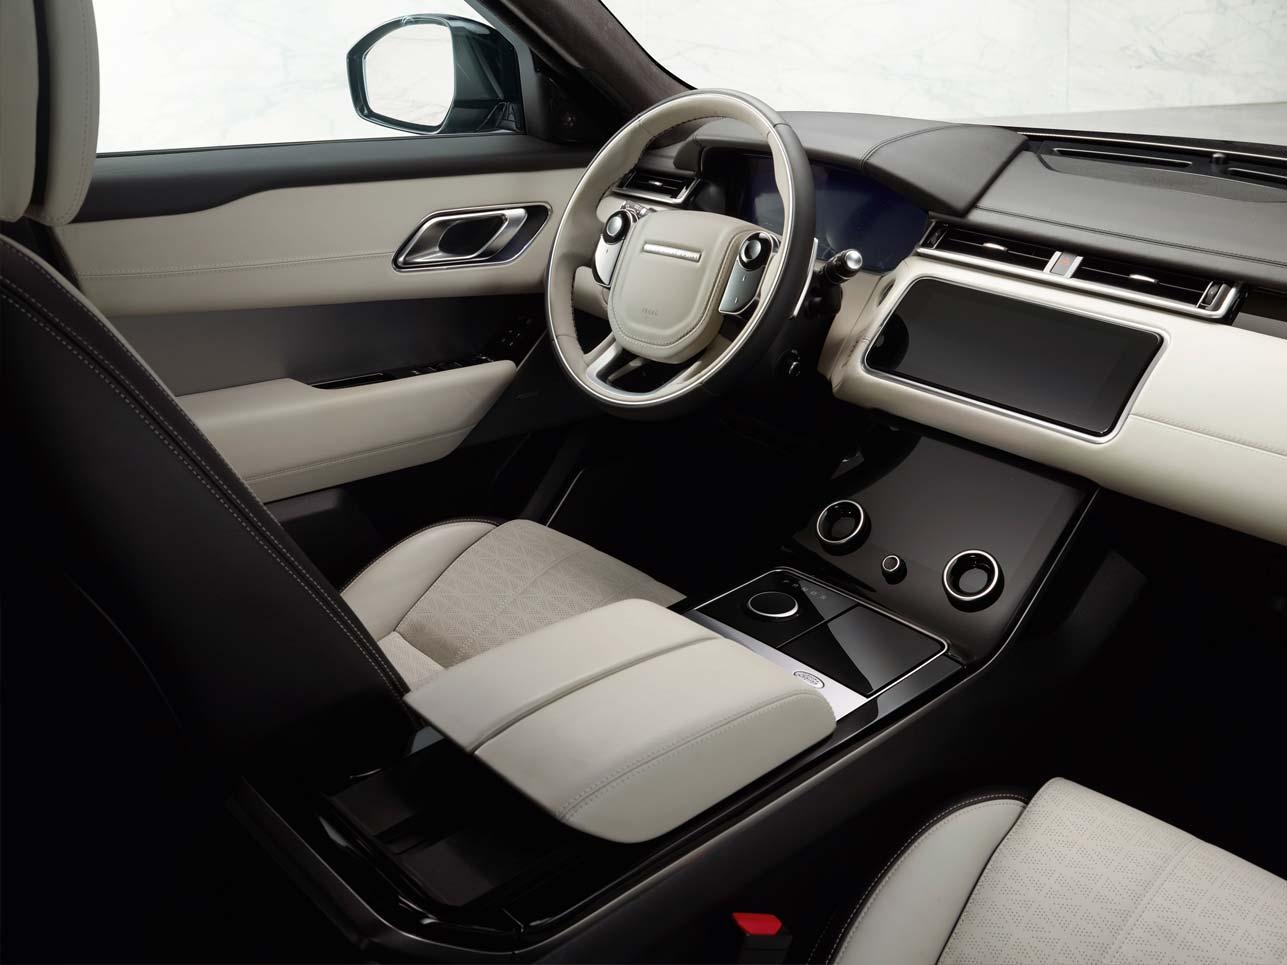 """Von der erhöhten und sportlichen Sitzposition, dem Head-up-Display und zwei 10,2""""-Touchscreens verschiebbaren Armlehnen bis hin zur konfigurierbaren Ambiente-Innenraumbeleuchtung wurde an alles gedacht, was zu einem modernen, komfortablen Fahrerlebnis dazugehört."""